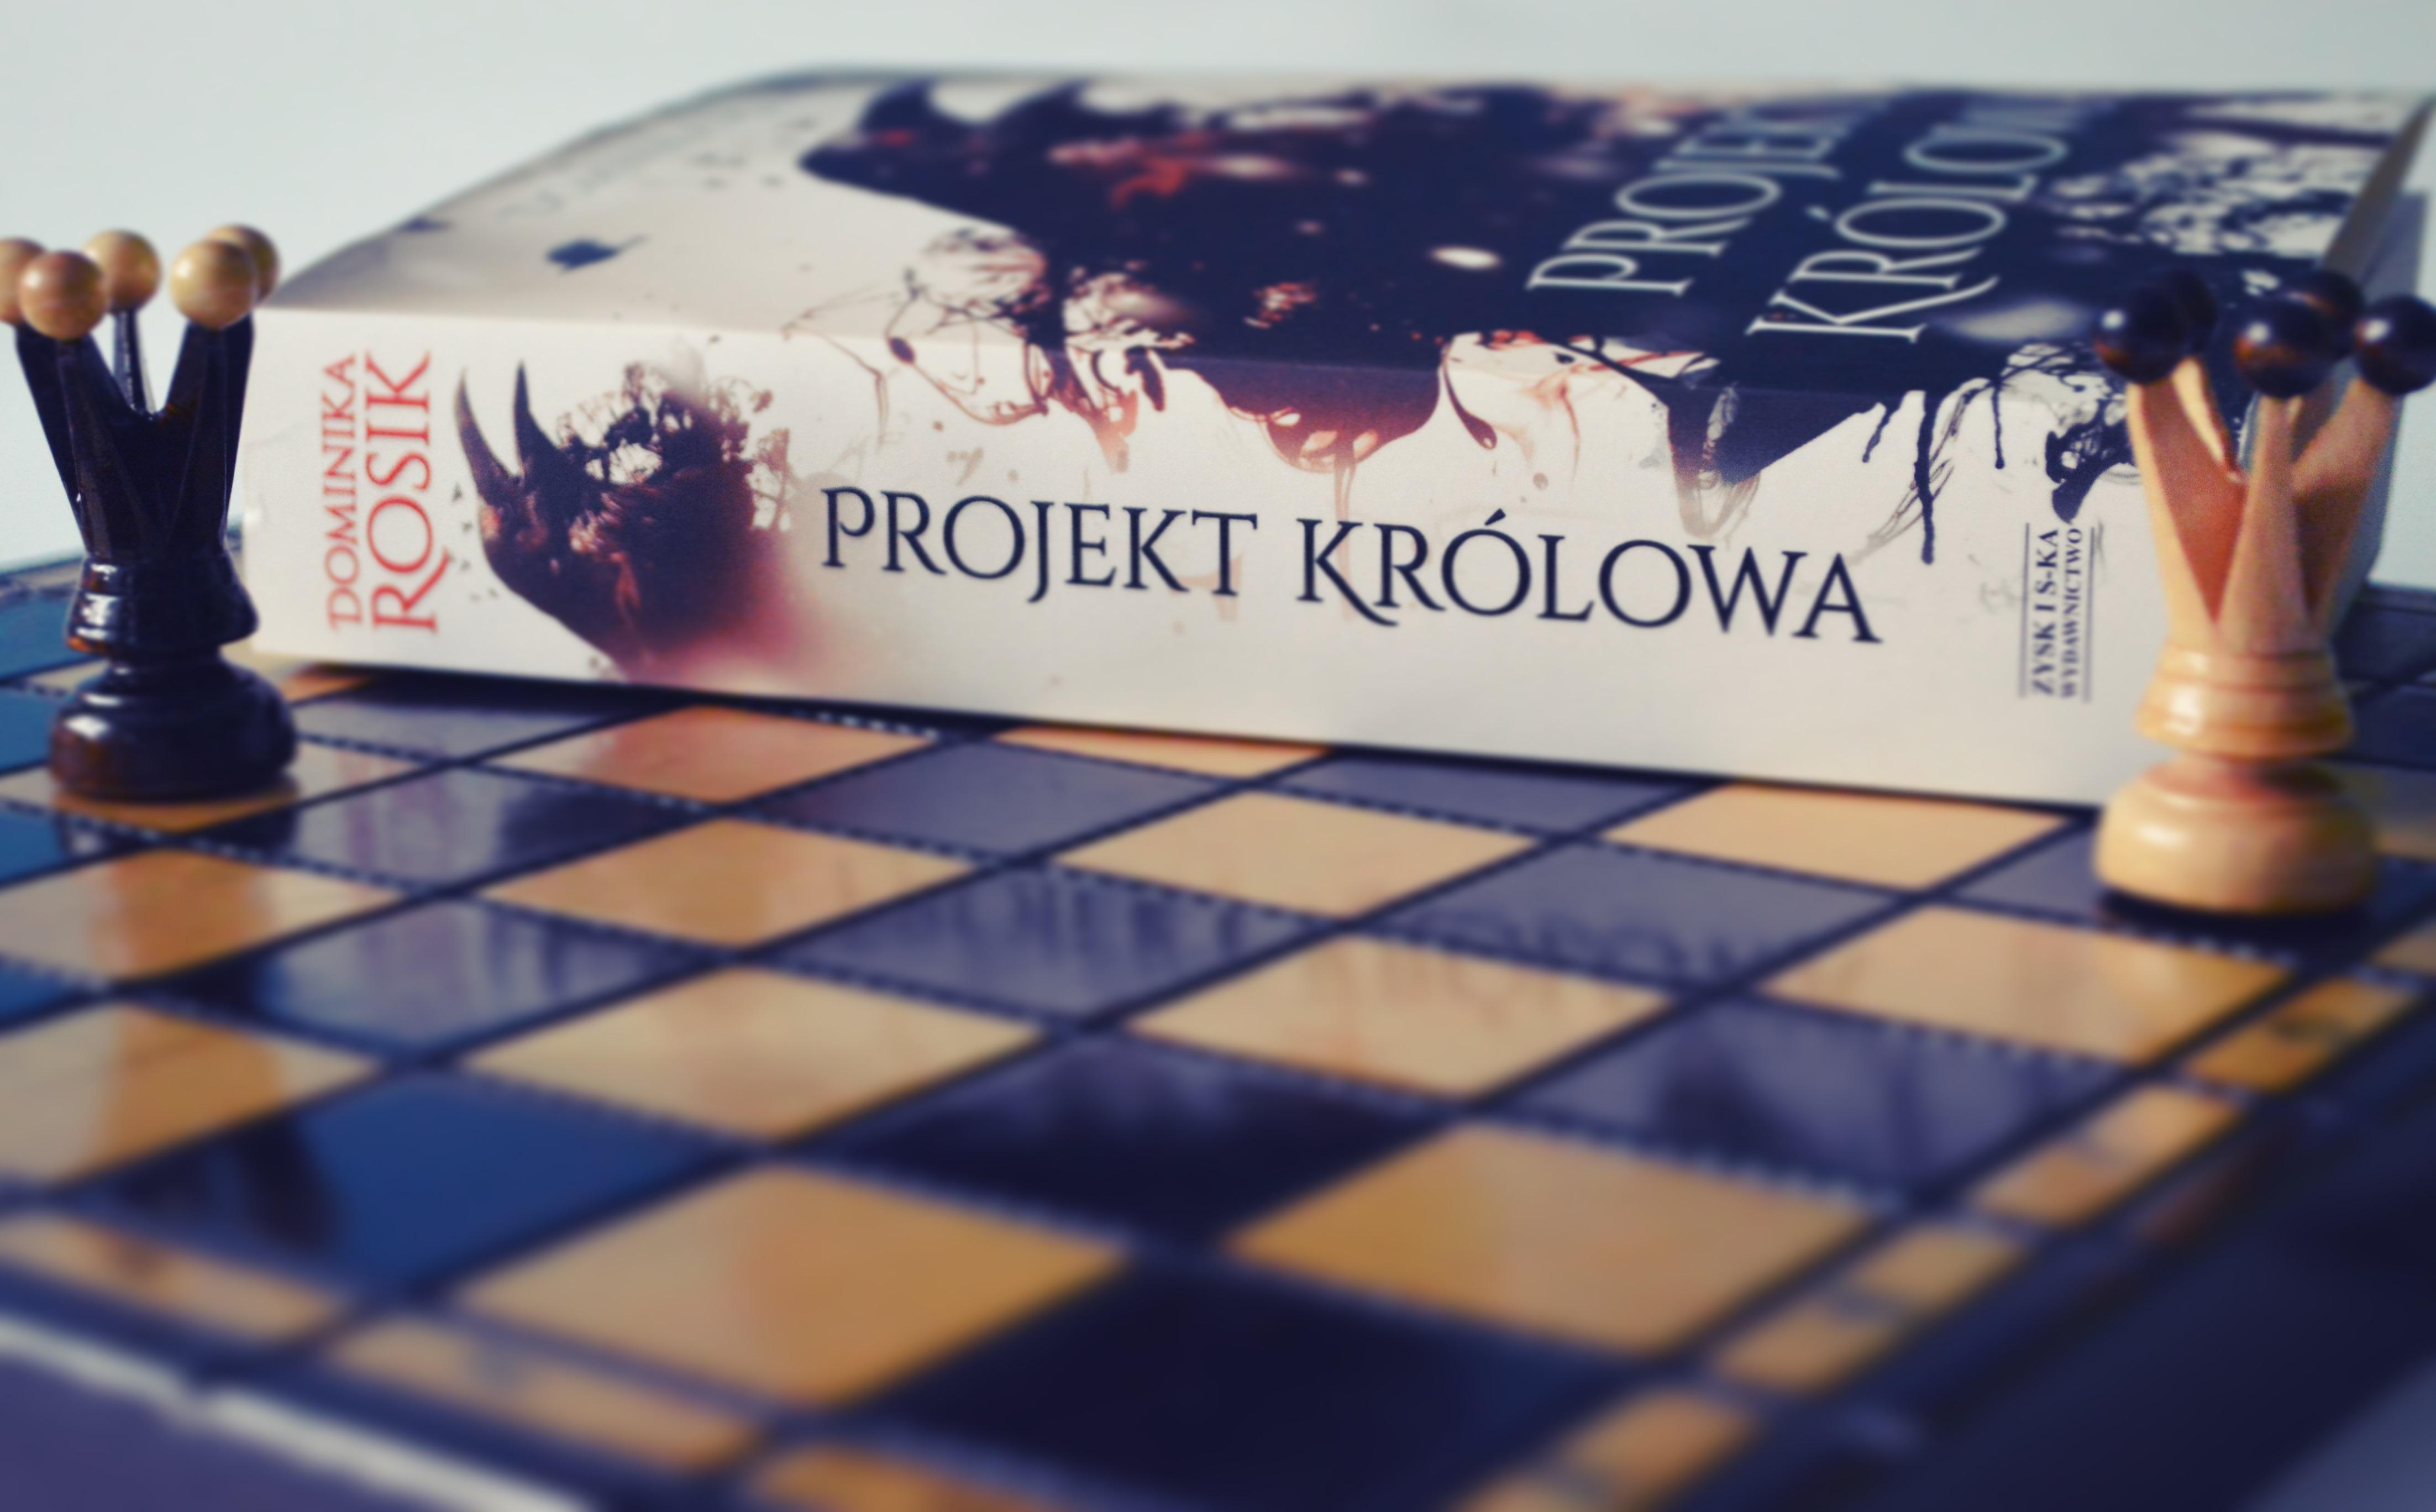 Projekt Krolowa Dominika Rosik Zazyjkultury RecenzjaKopia 2